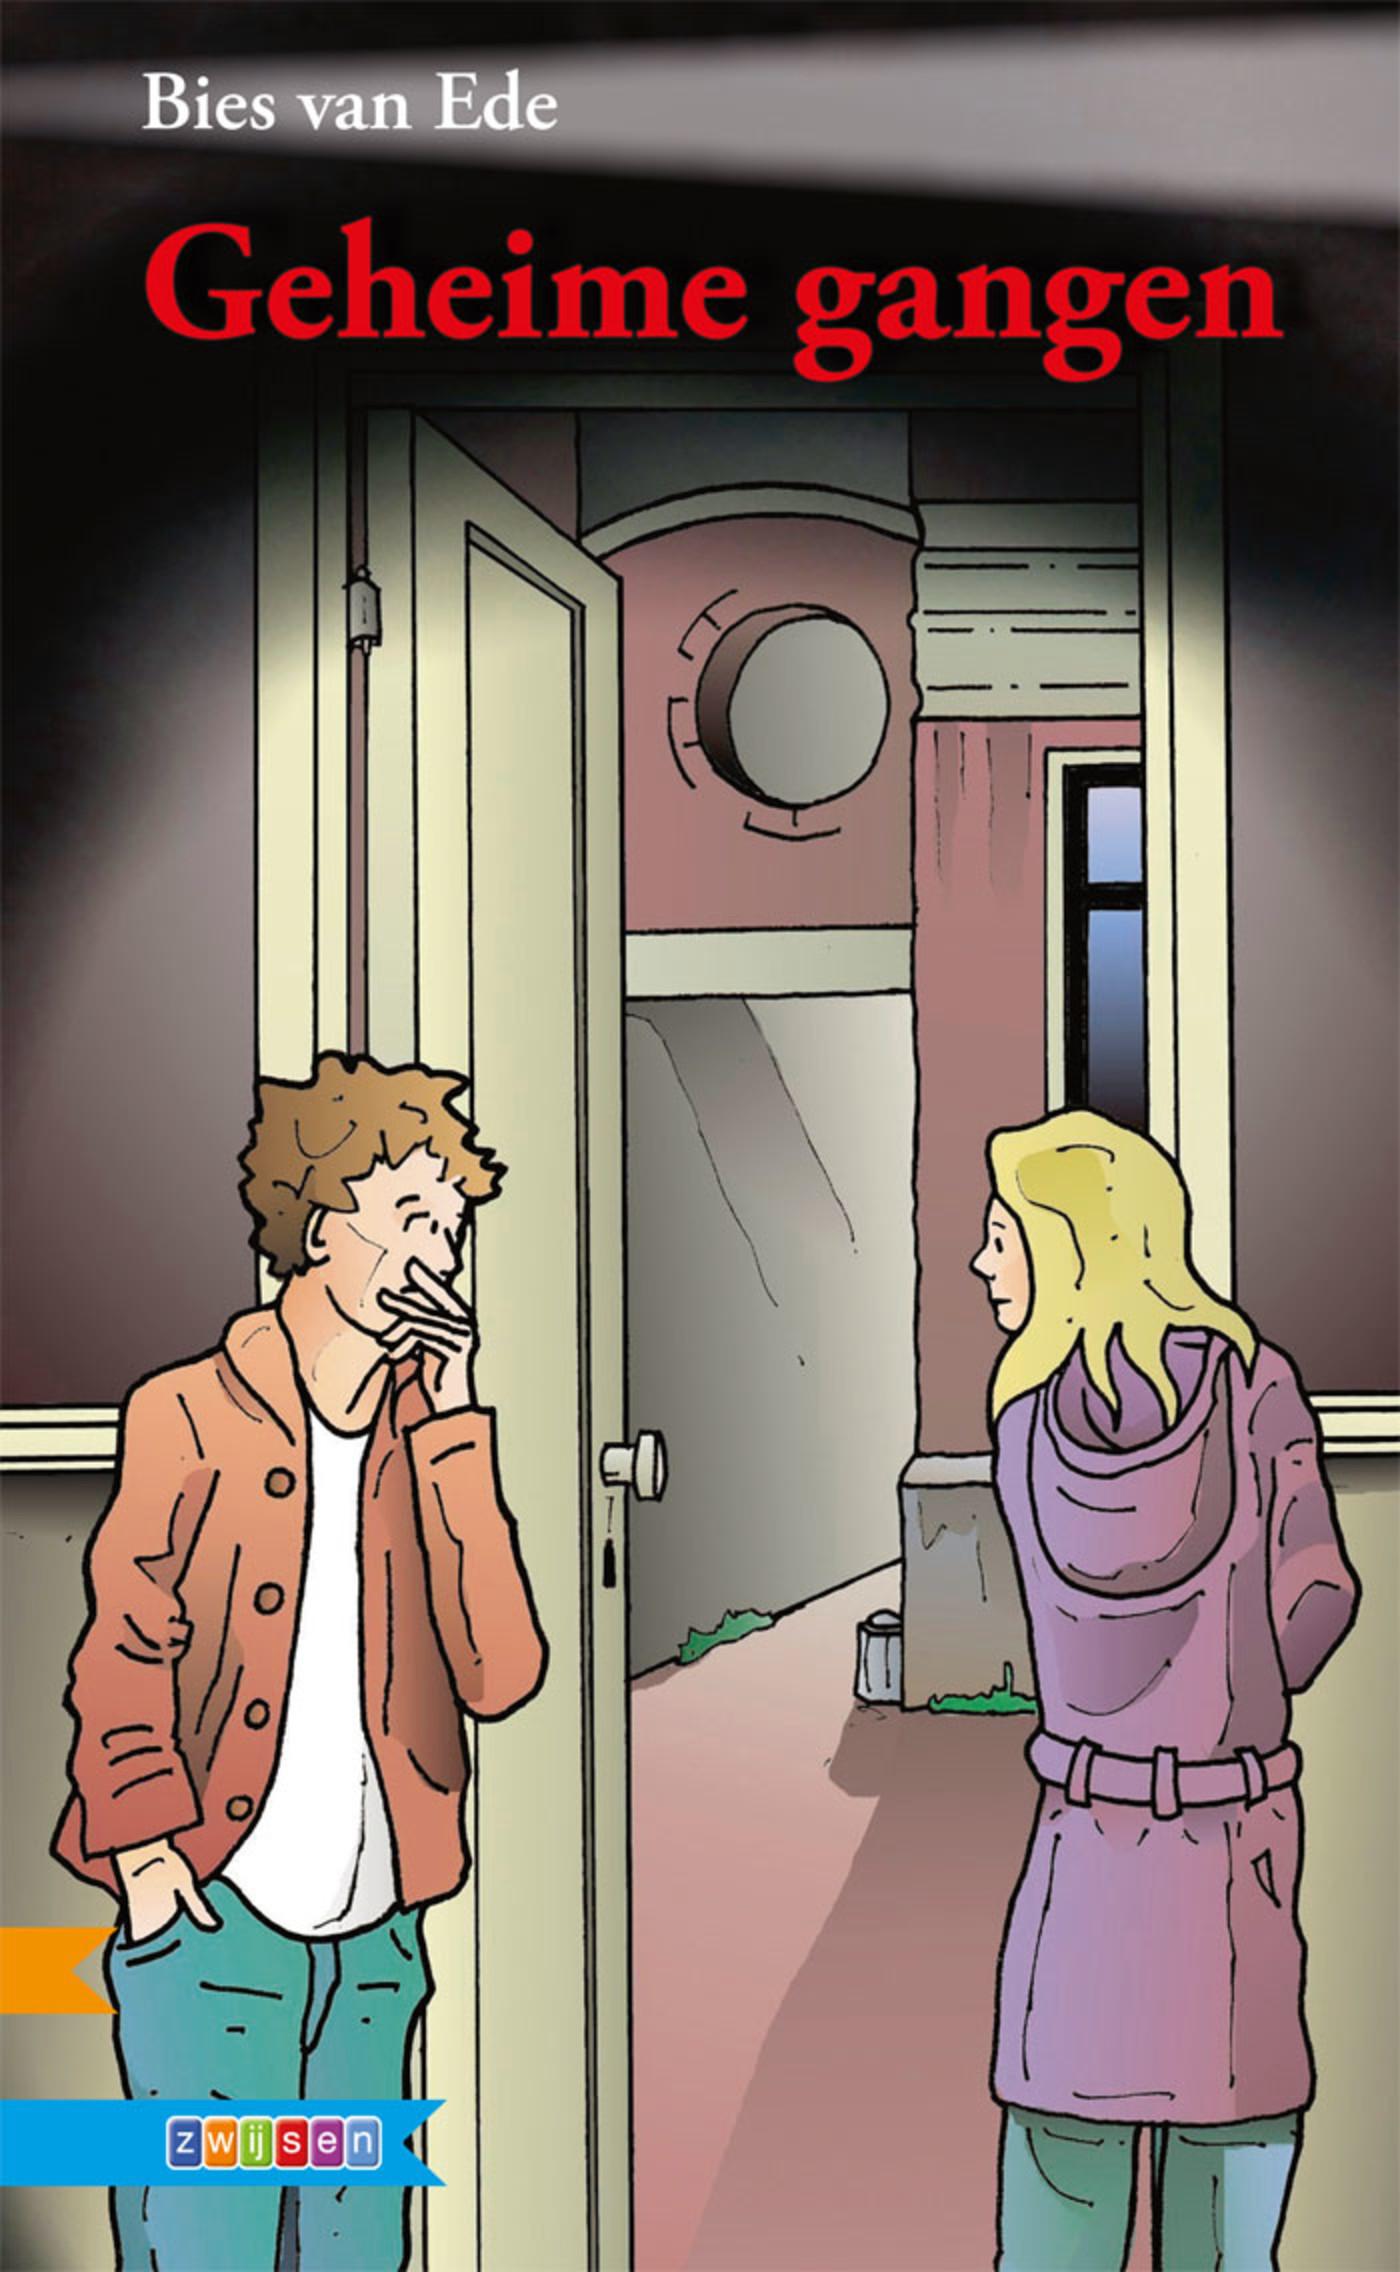 Geheime gangen